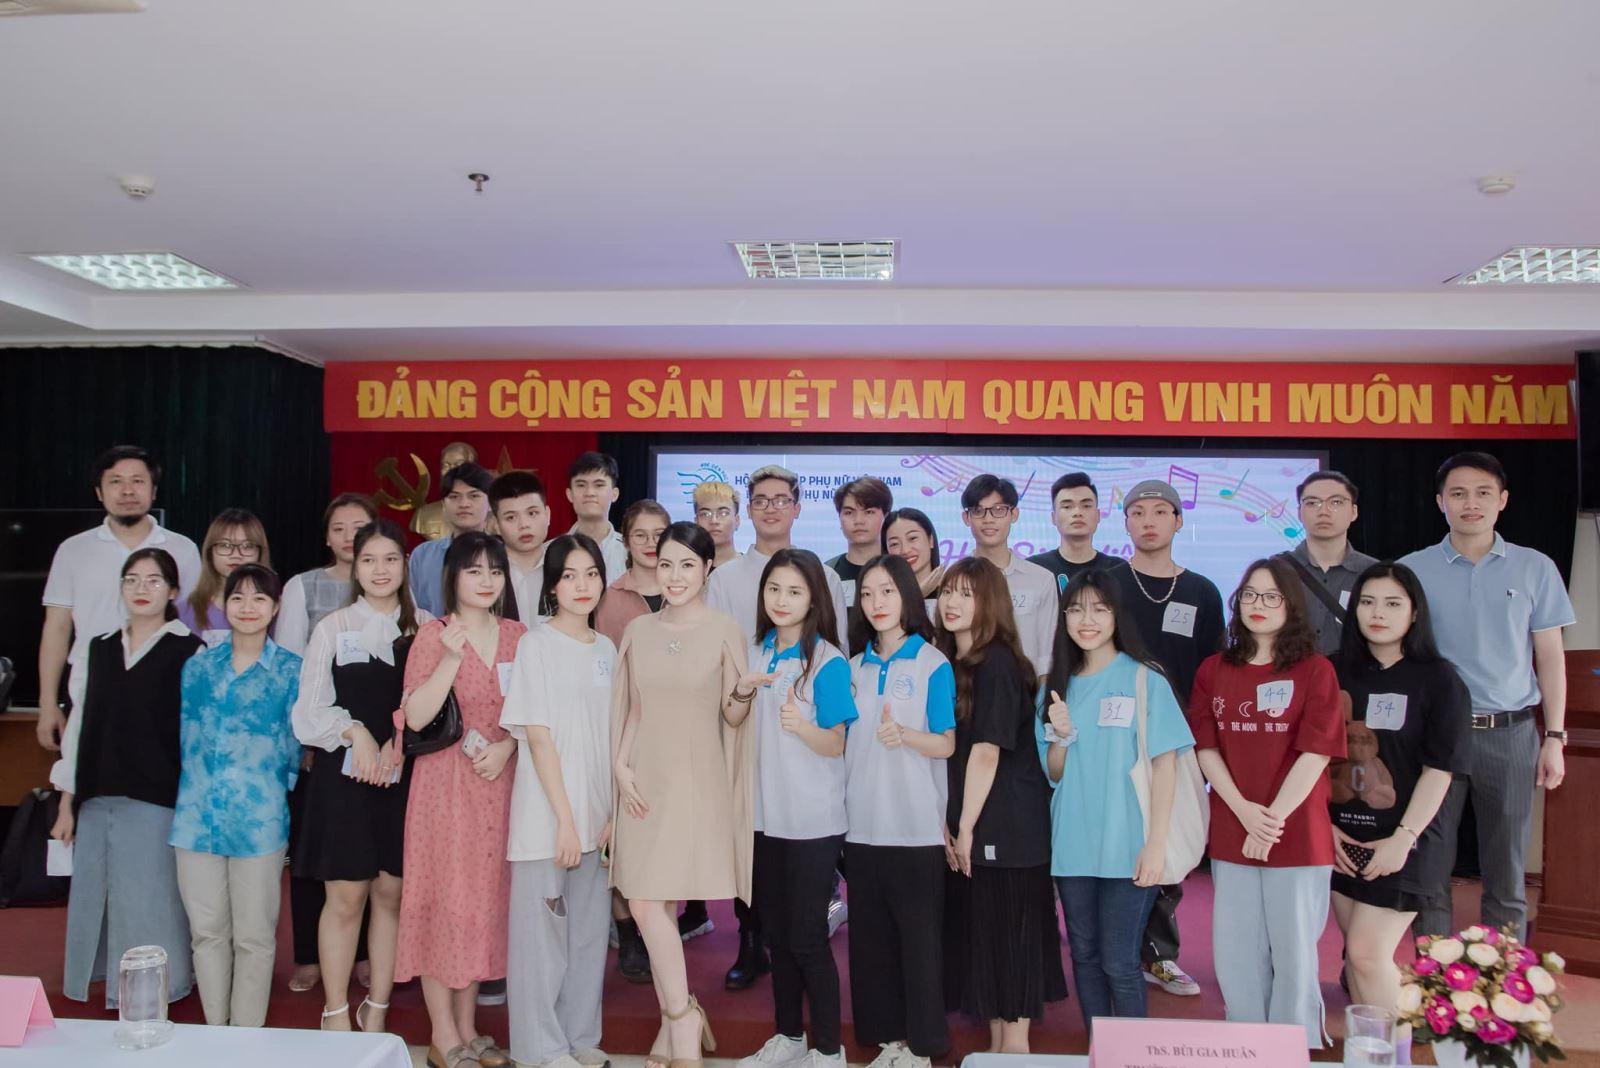 Vòng sơ khảo cuộc thi Tiếng hát sinh viên Học viện Phụ nữ Việt Nam mở rộng 2021